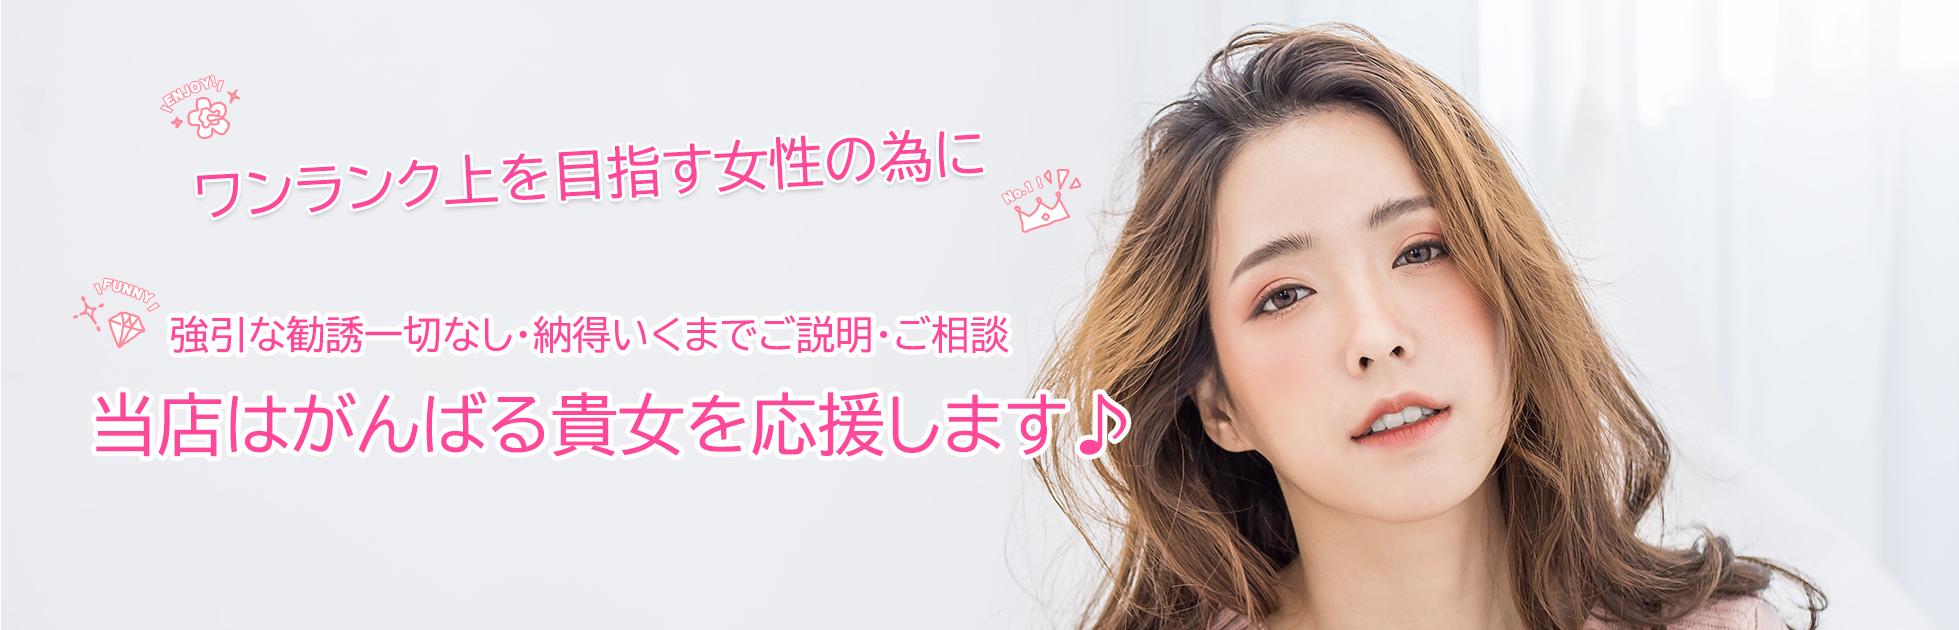 かんなみ新地求人.com